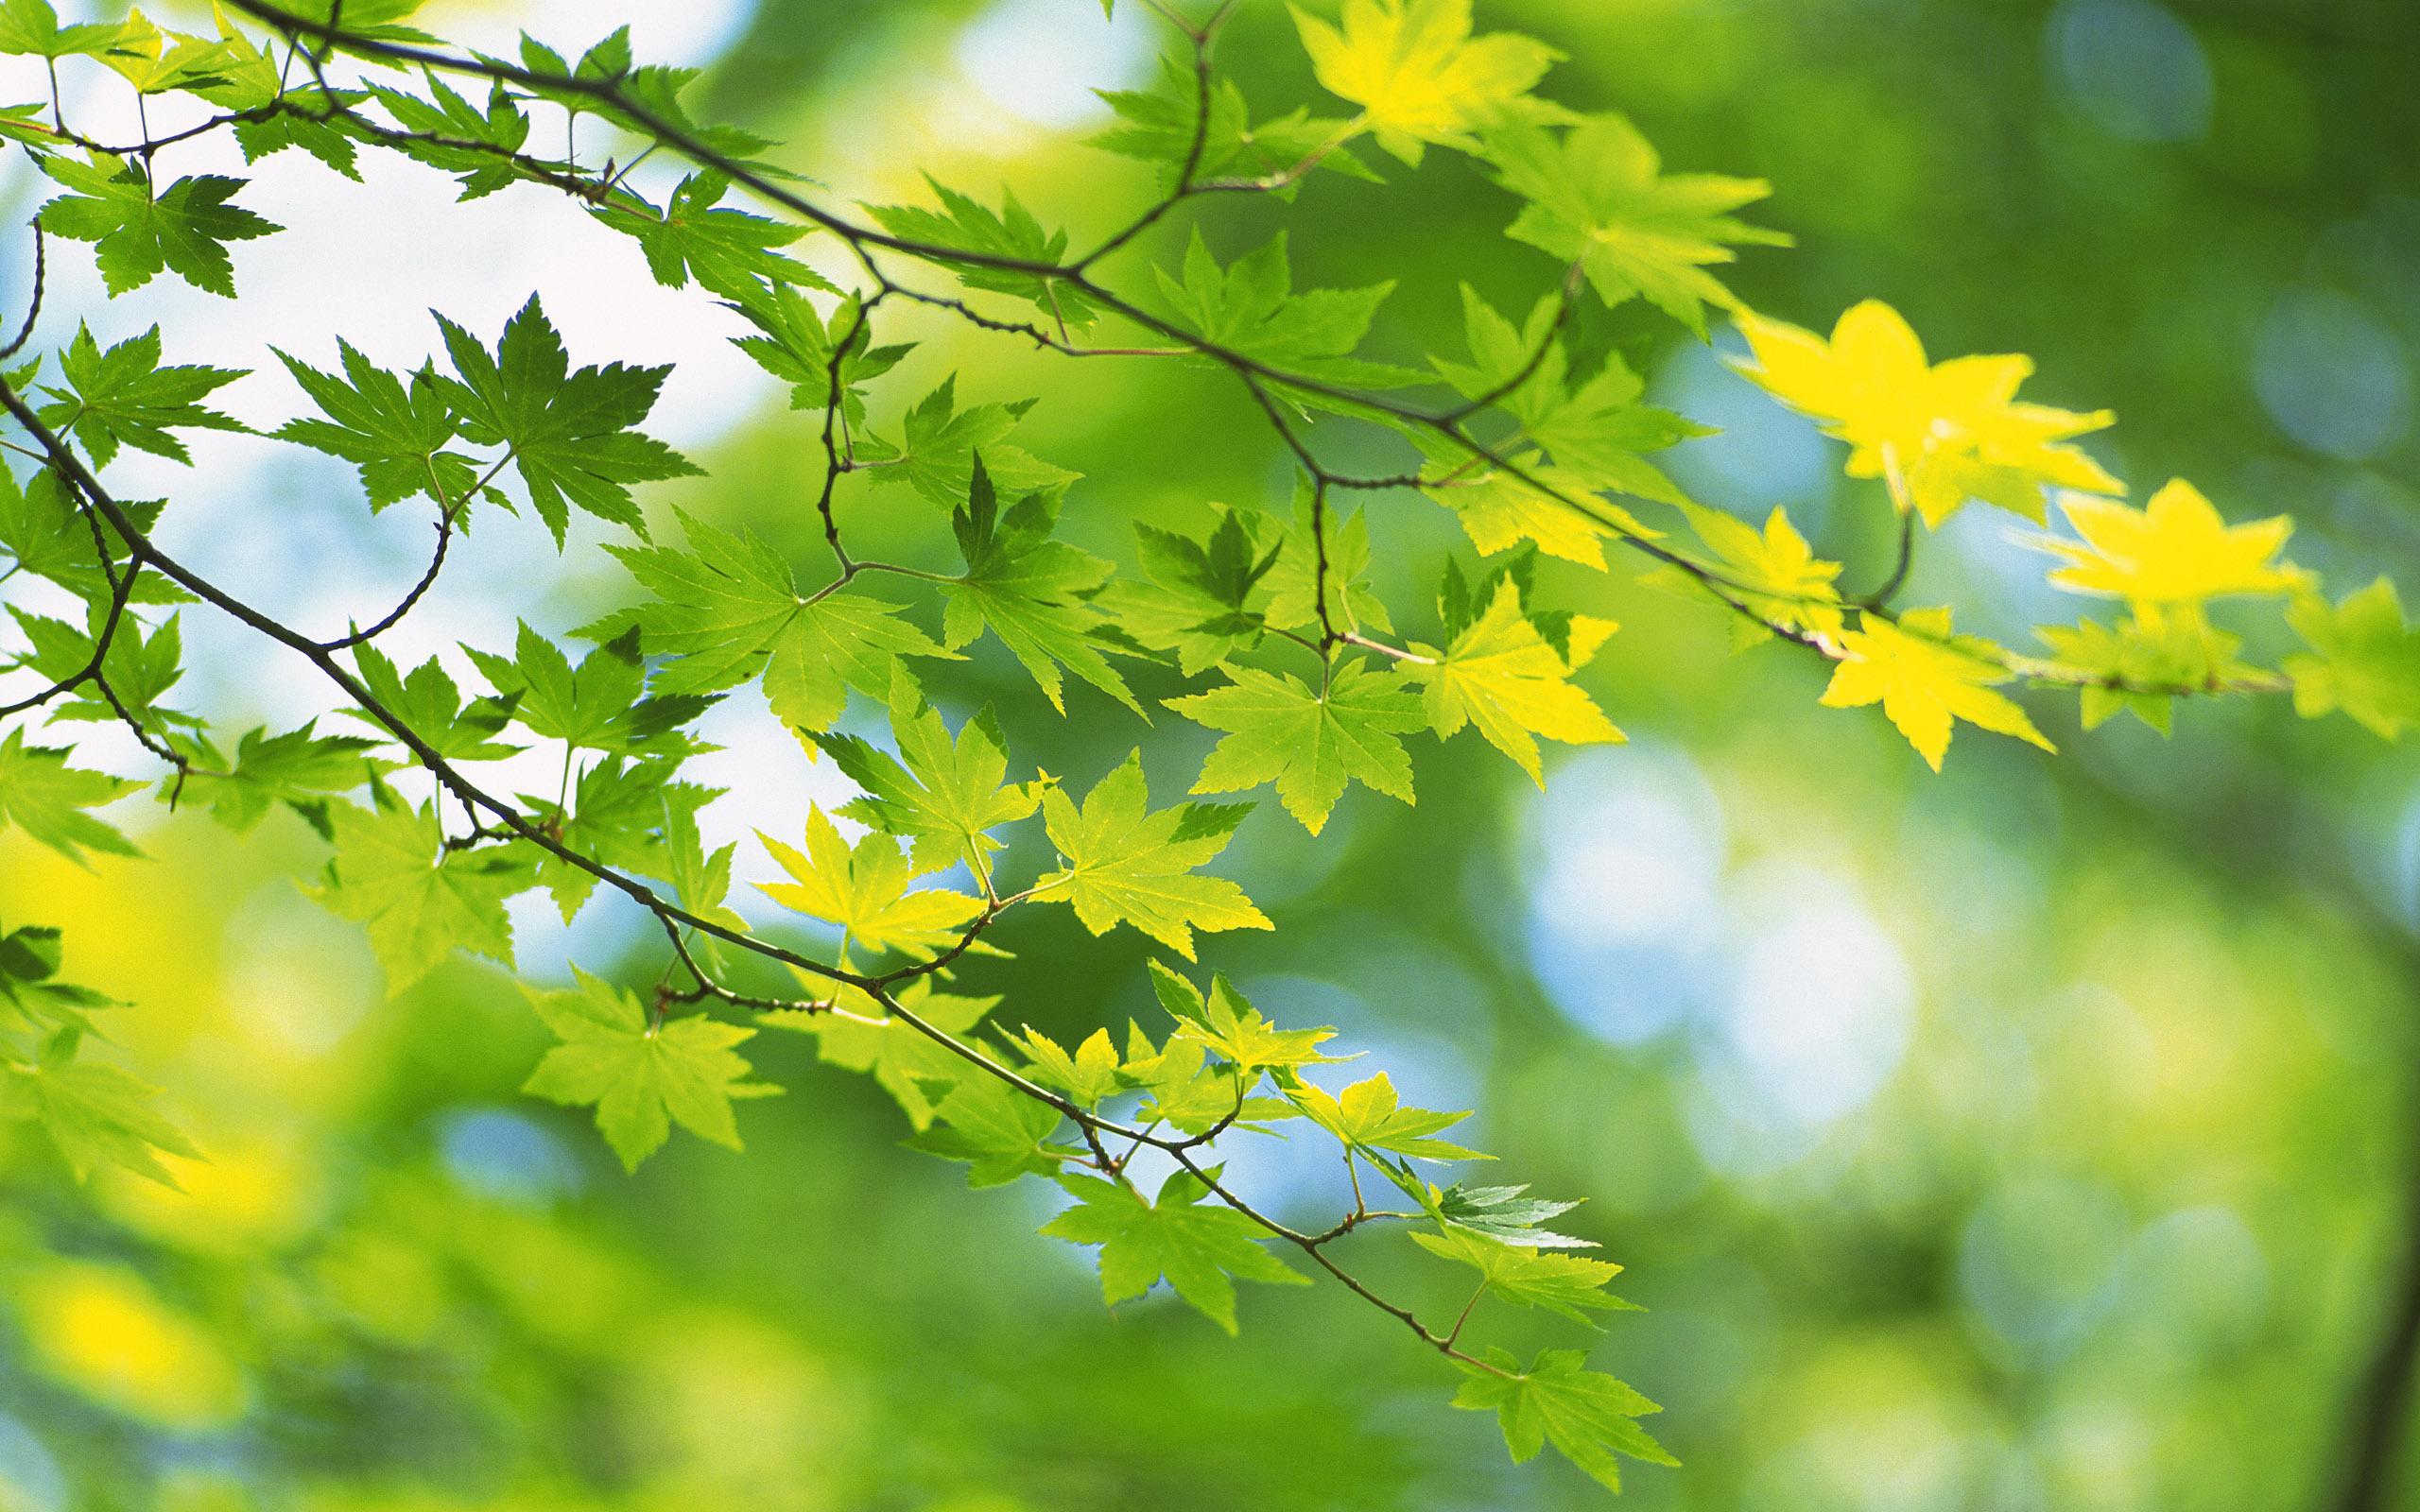 природа листья весна  № 3899984 загрузить